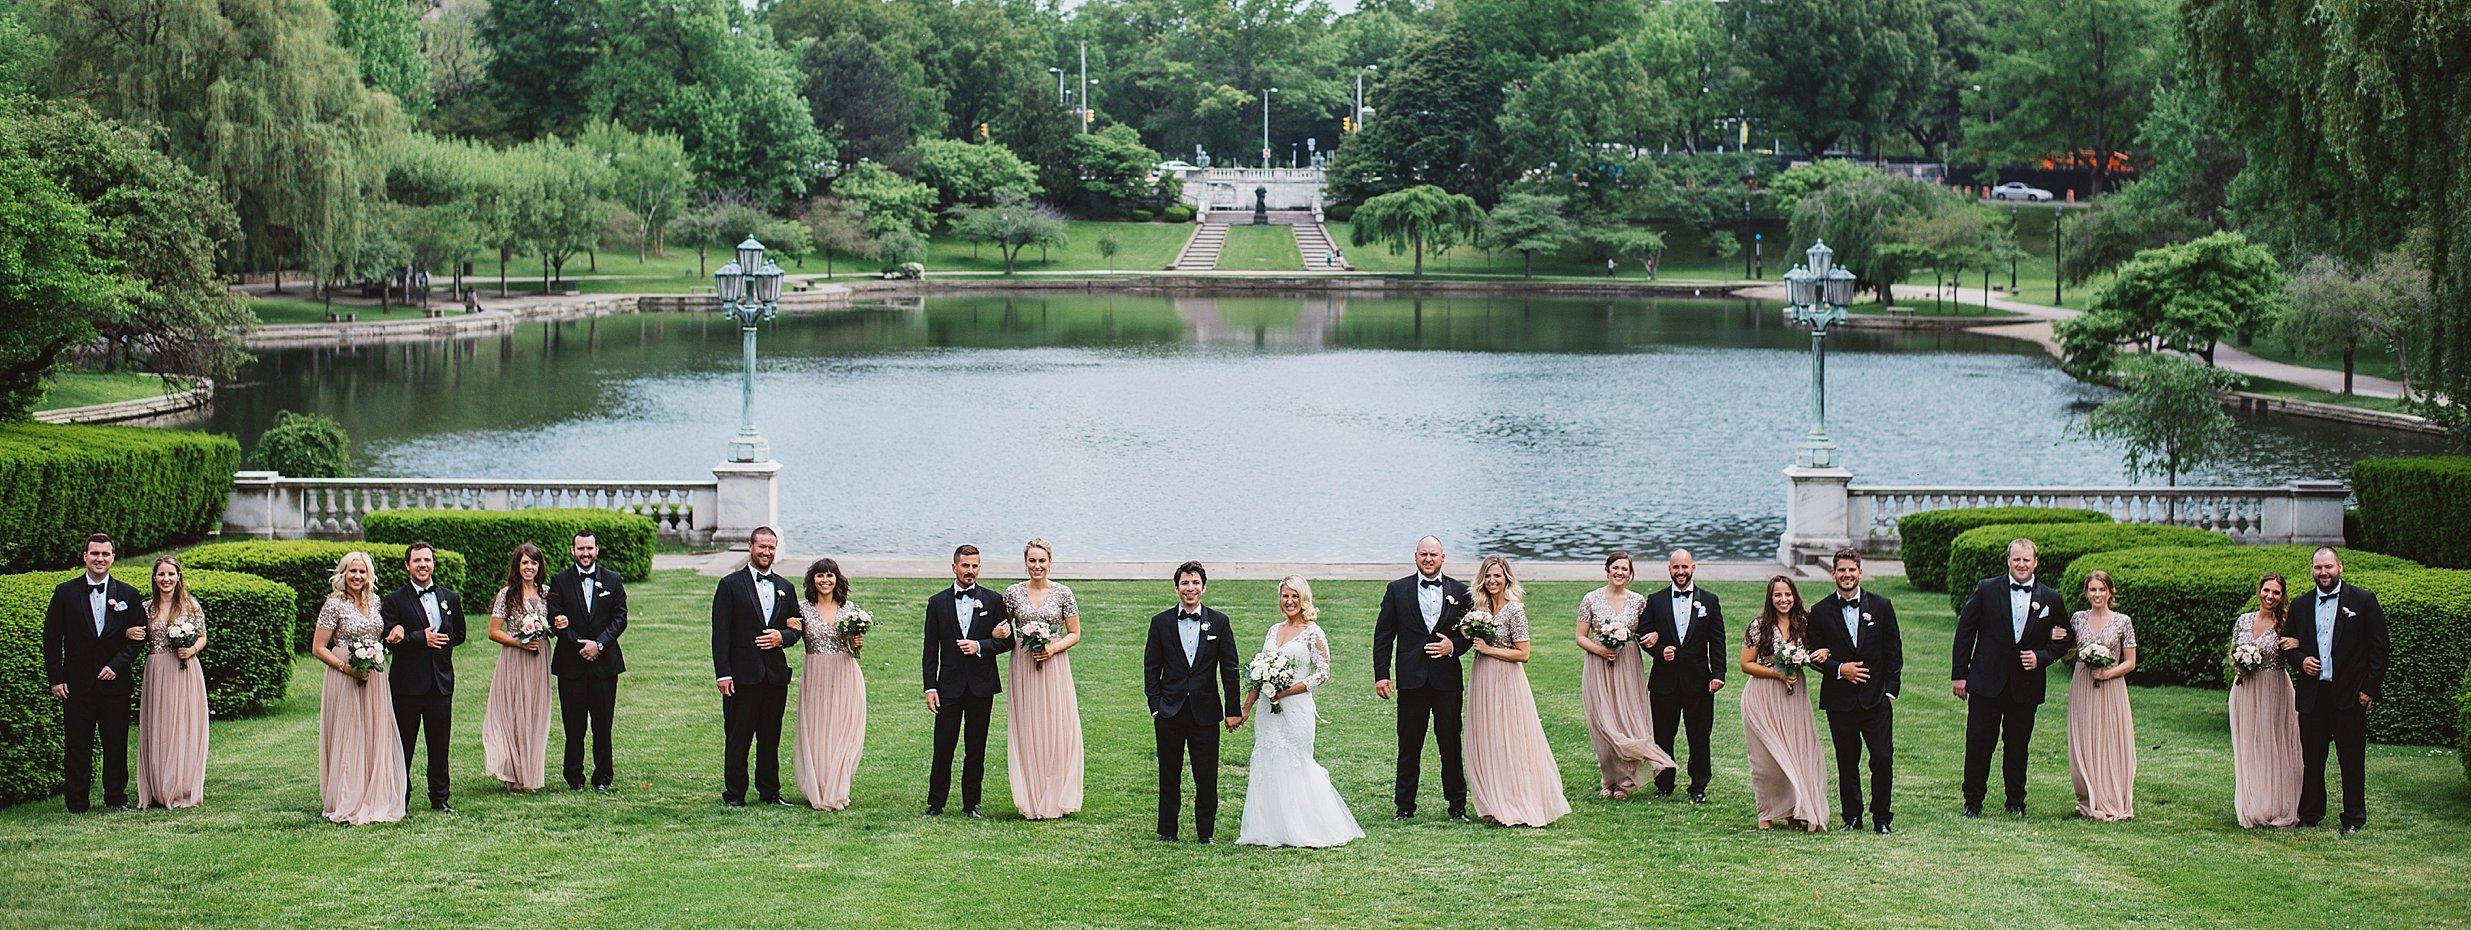 0097-Westwood Country Club Wedding_0072.jpg